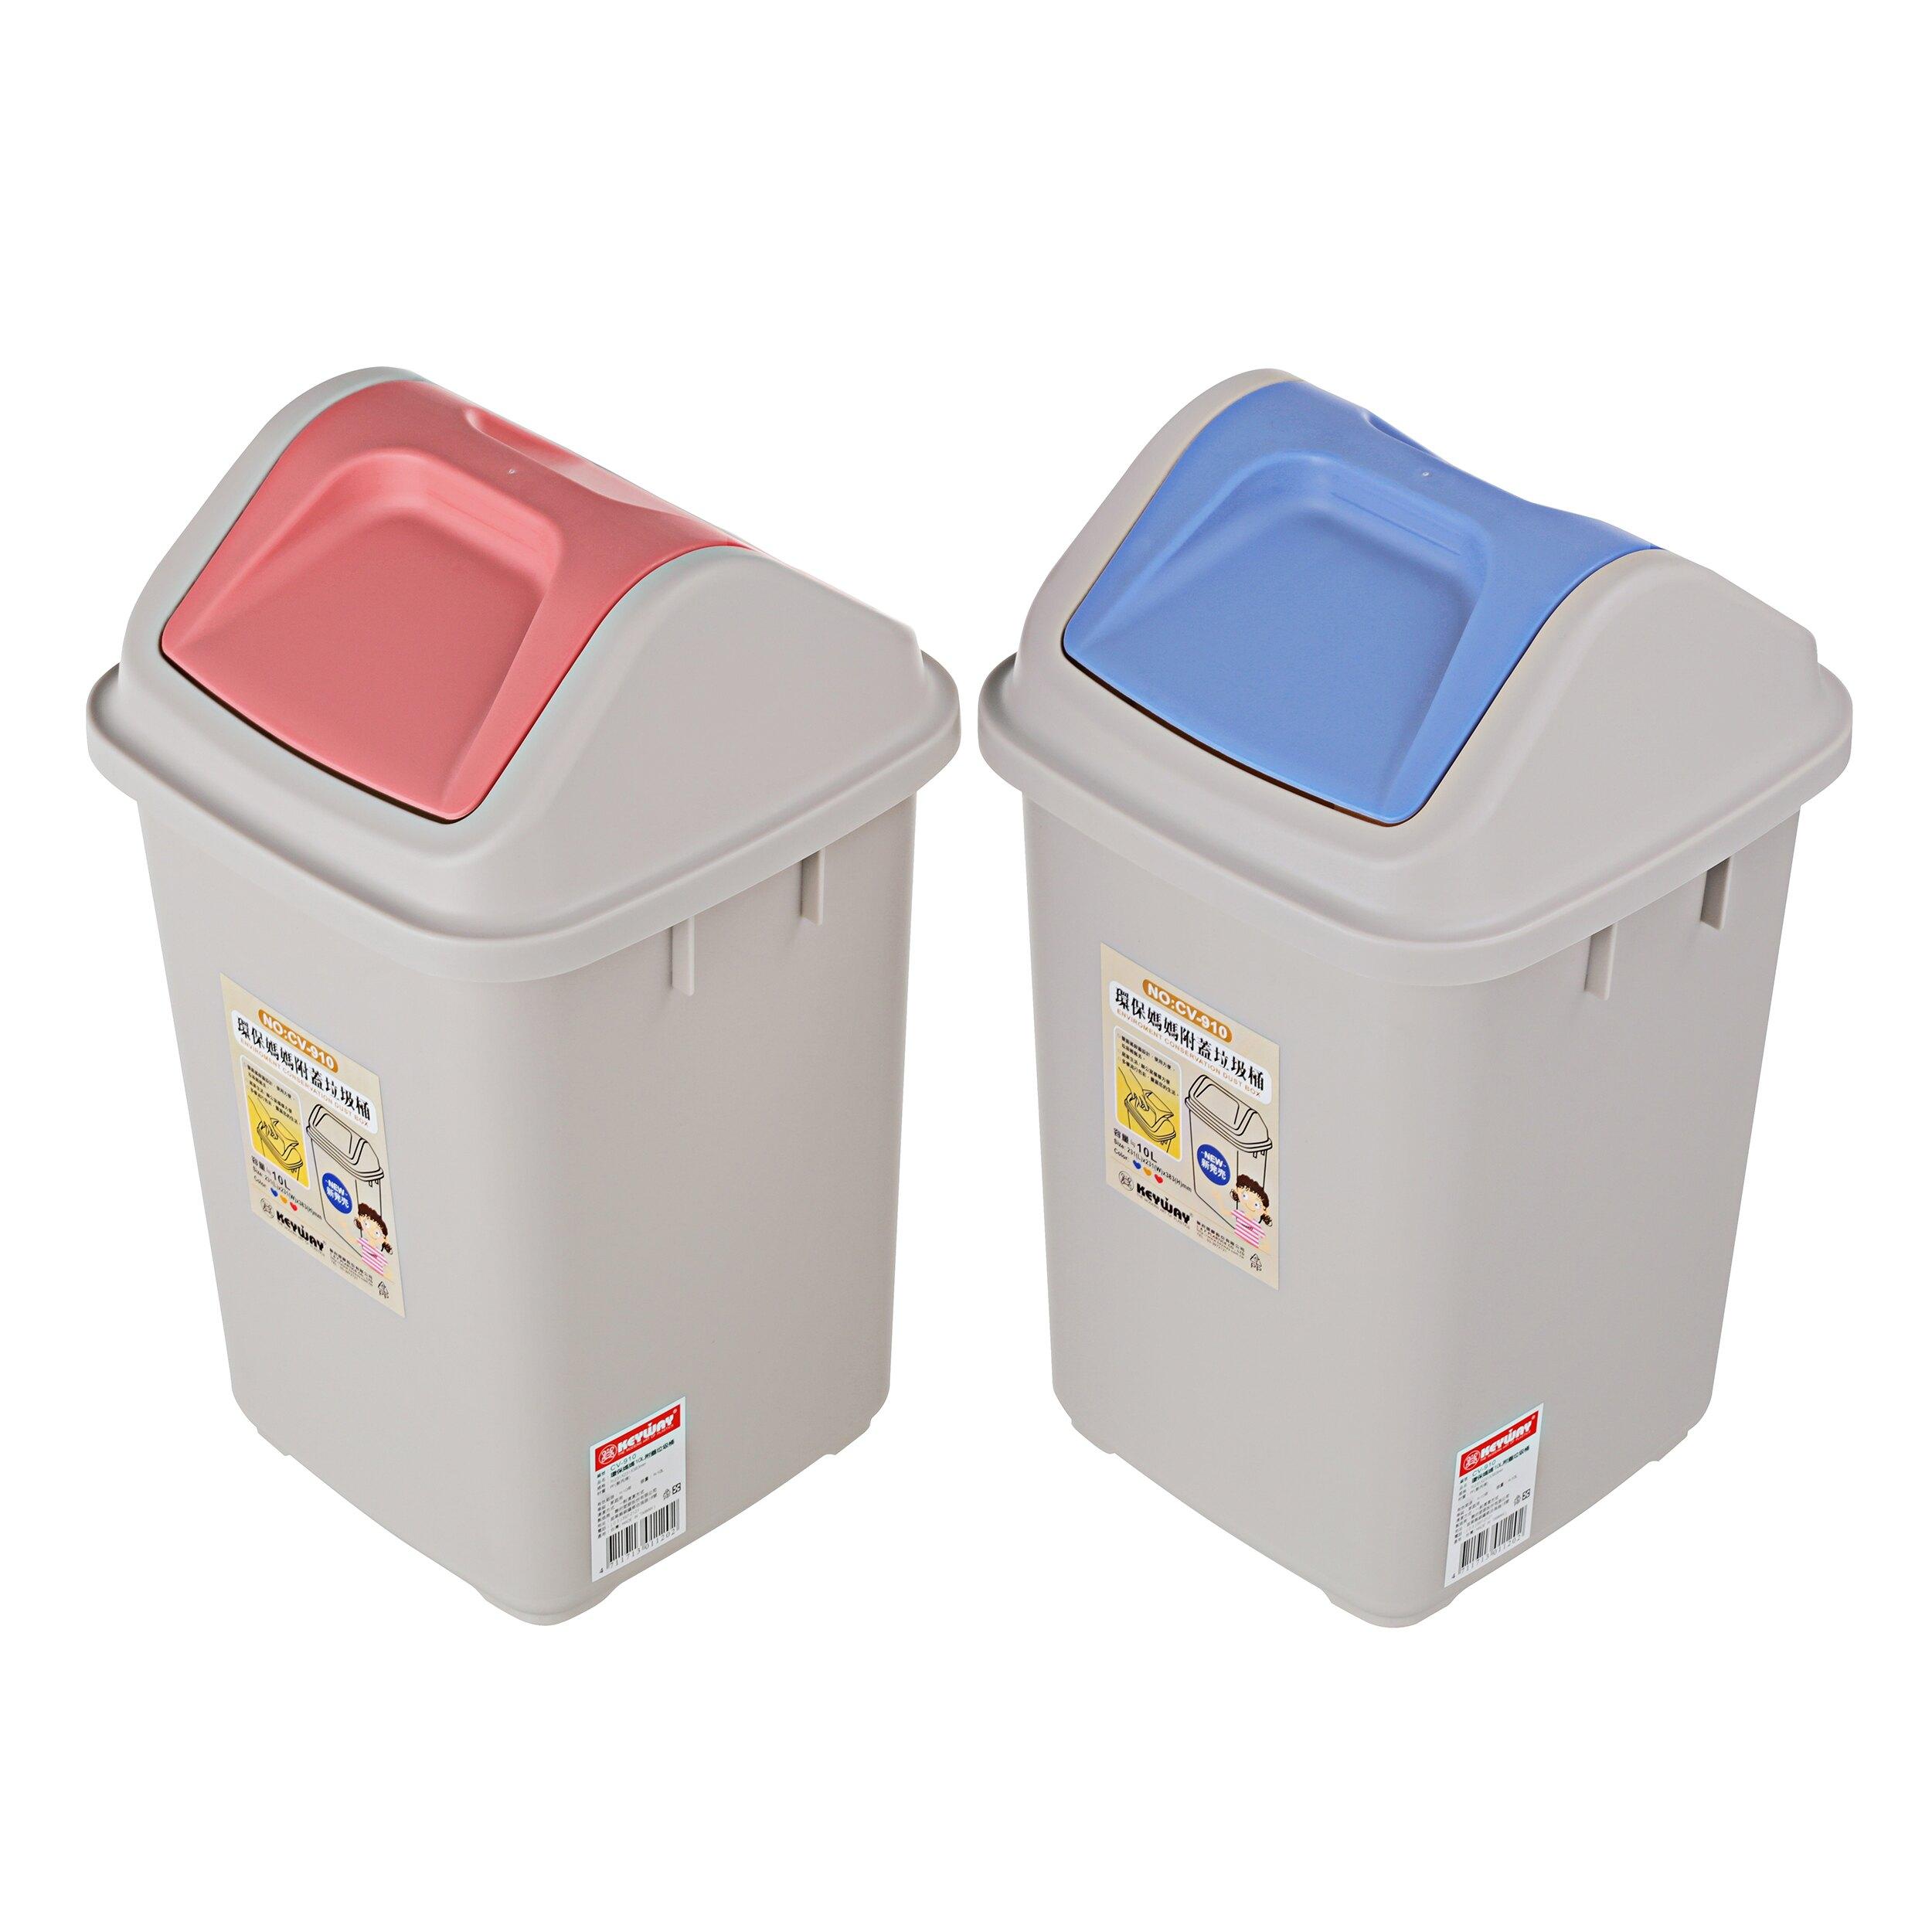 搖蓋式垃圾桶/環保概念/MIT台灣製造 環保媽媽10L附蓋垃圾桶 CV-910  KEYWAY聯府